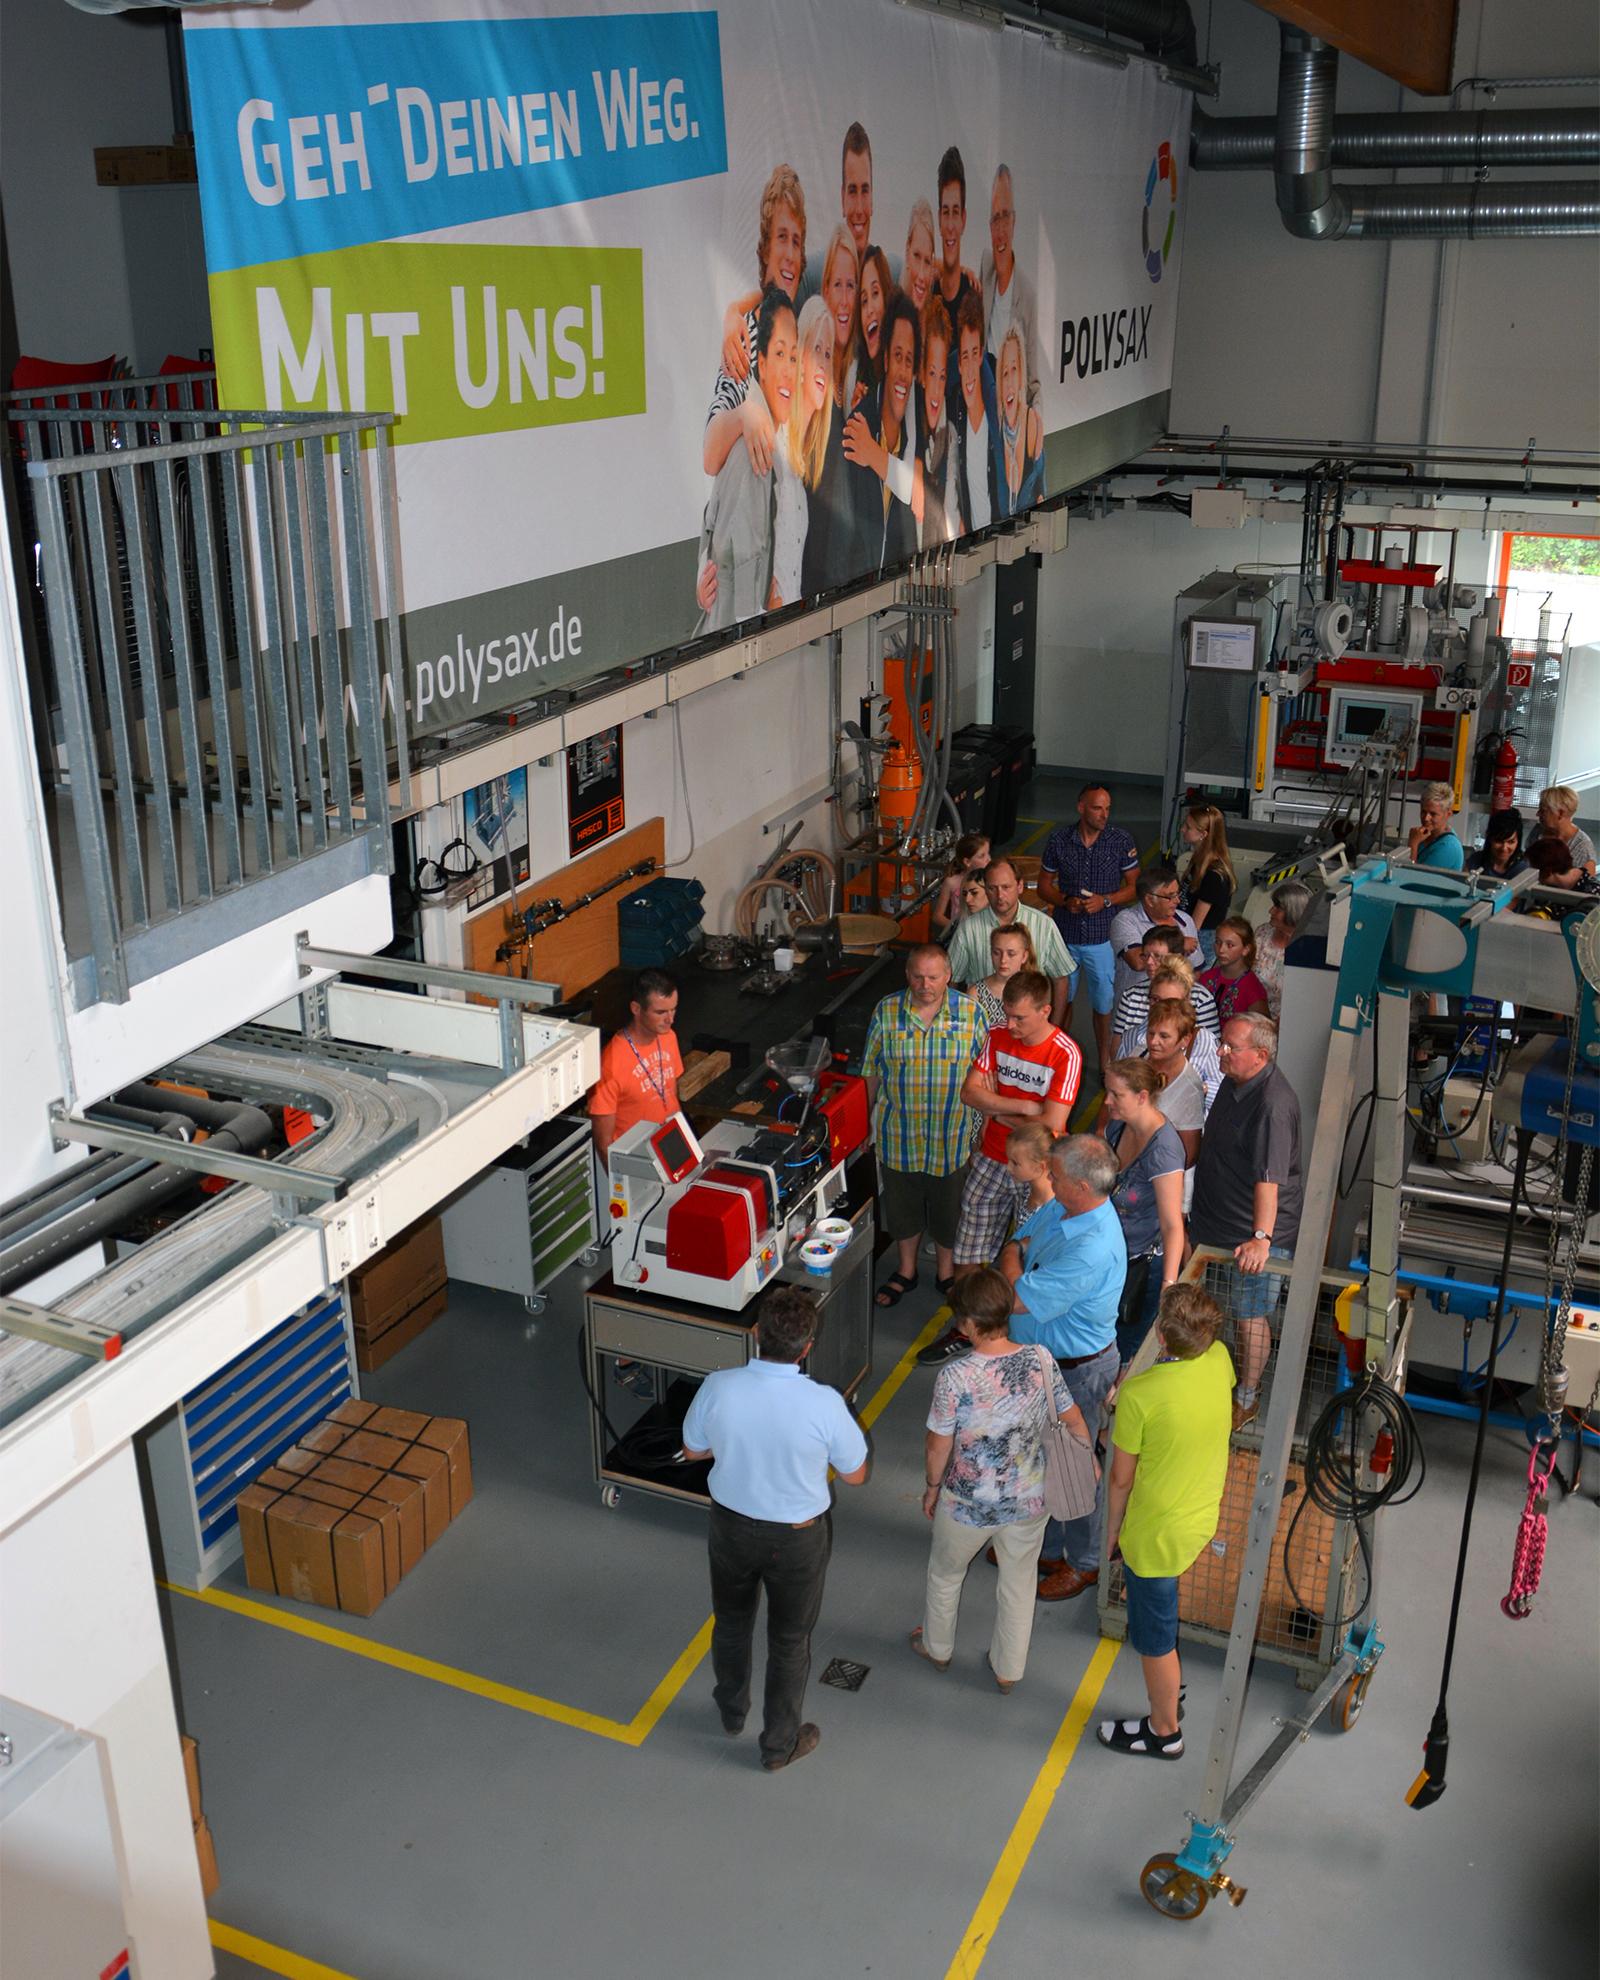 Besucher in der Werkhalle bei POLYSAX